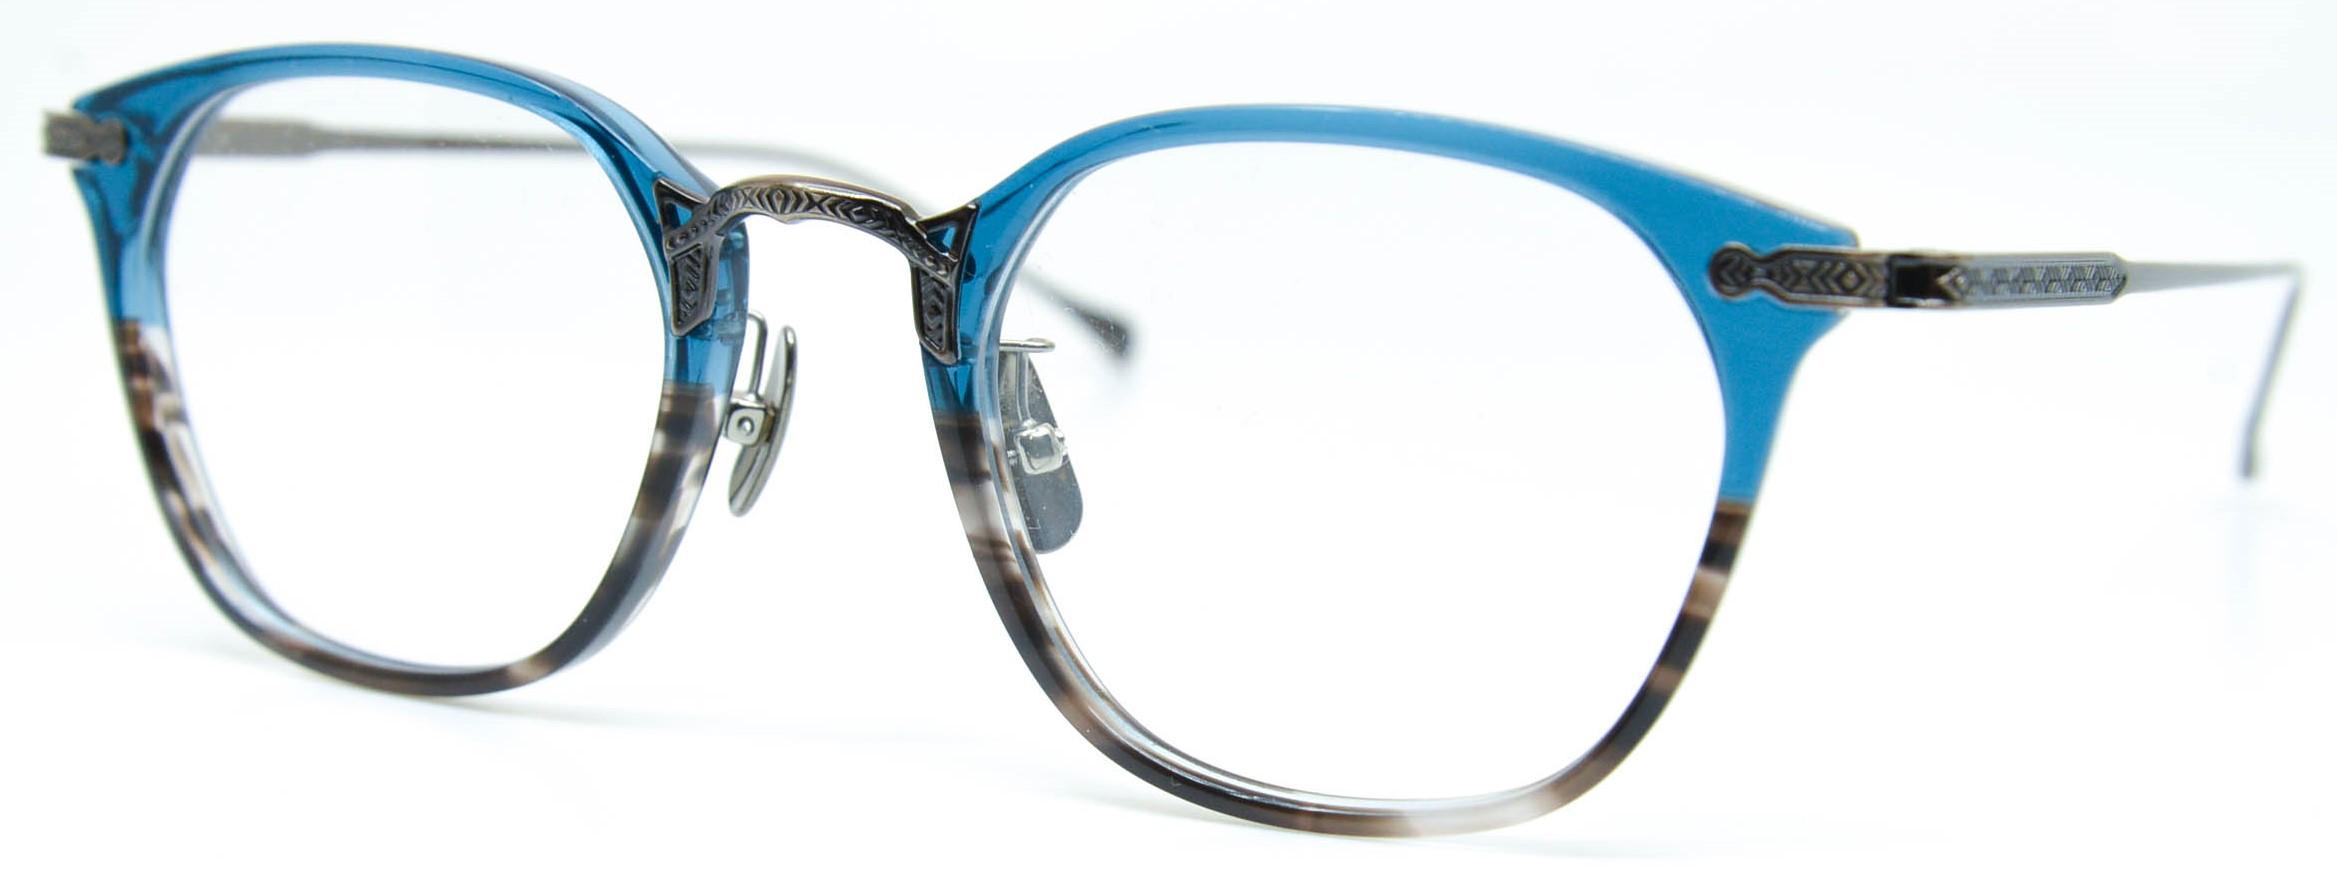 眼鏡のカラータイプC-6 Blue-BrownSasa/At-Brown